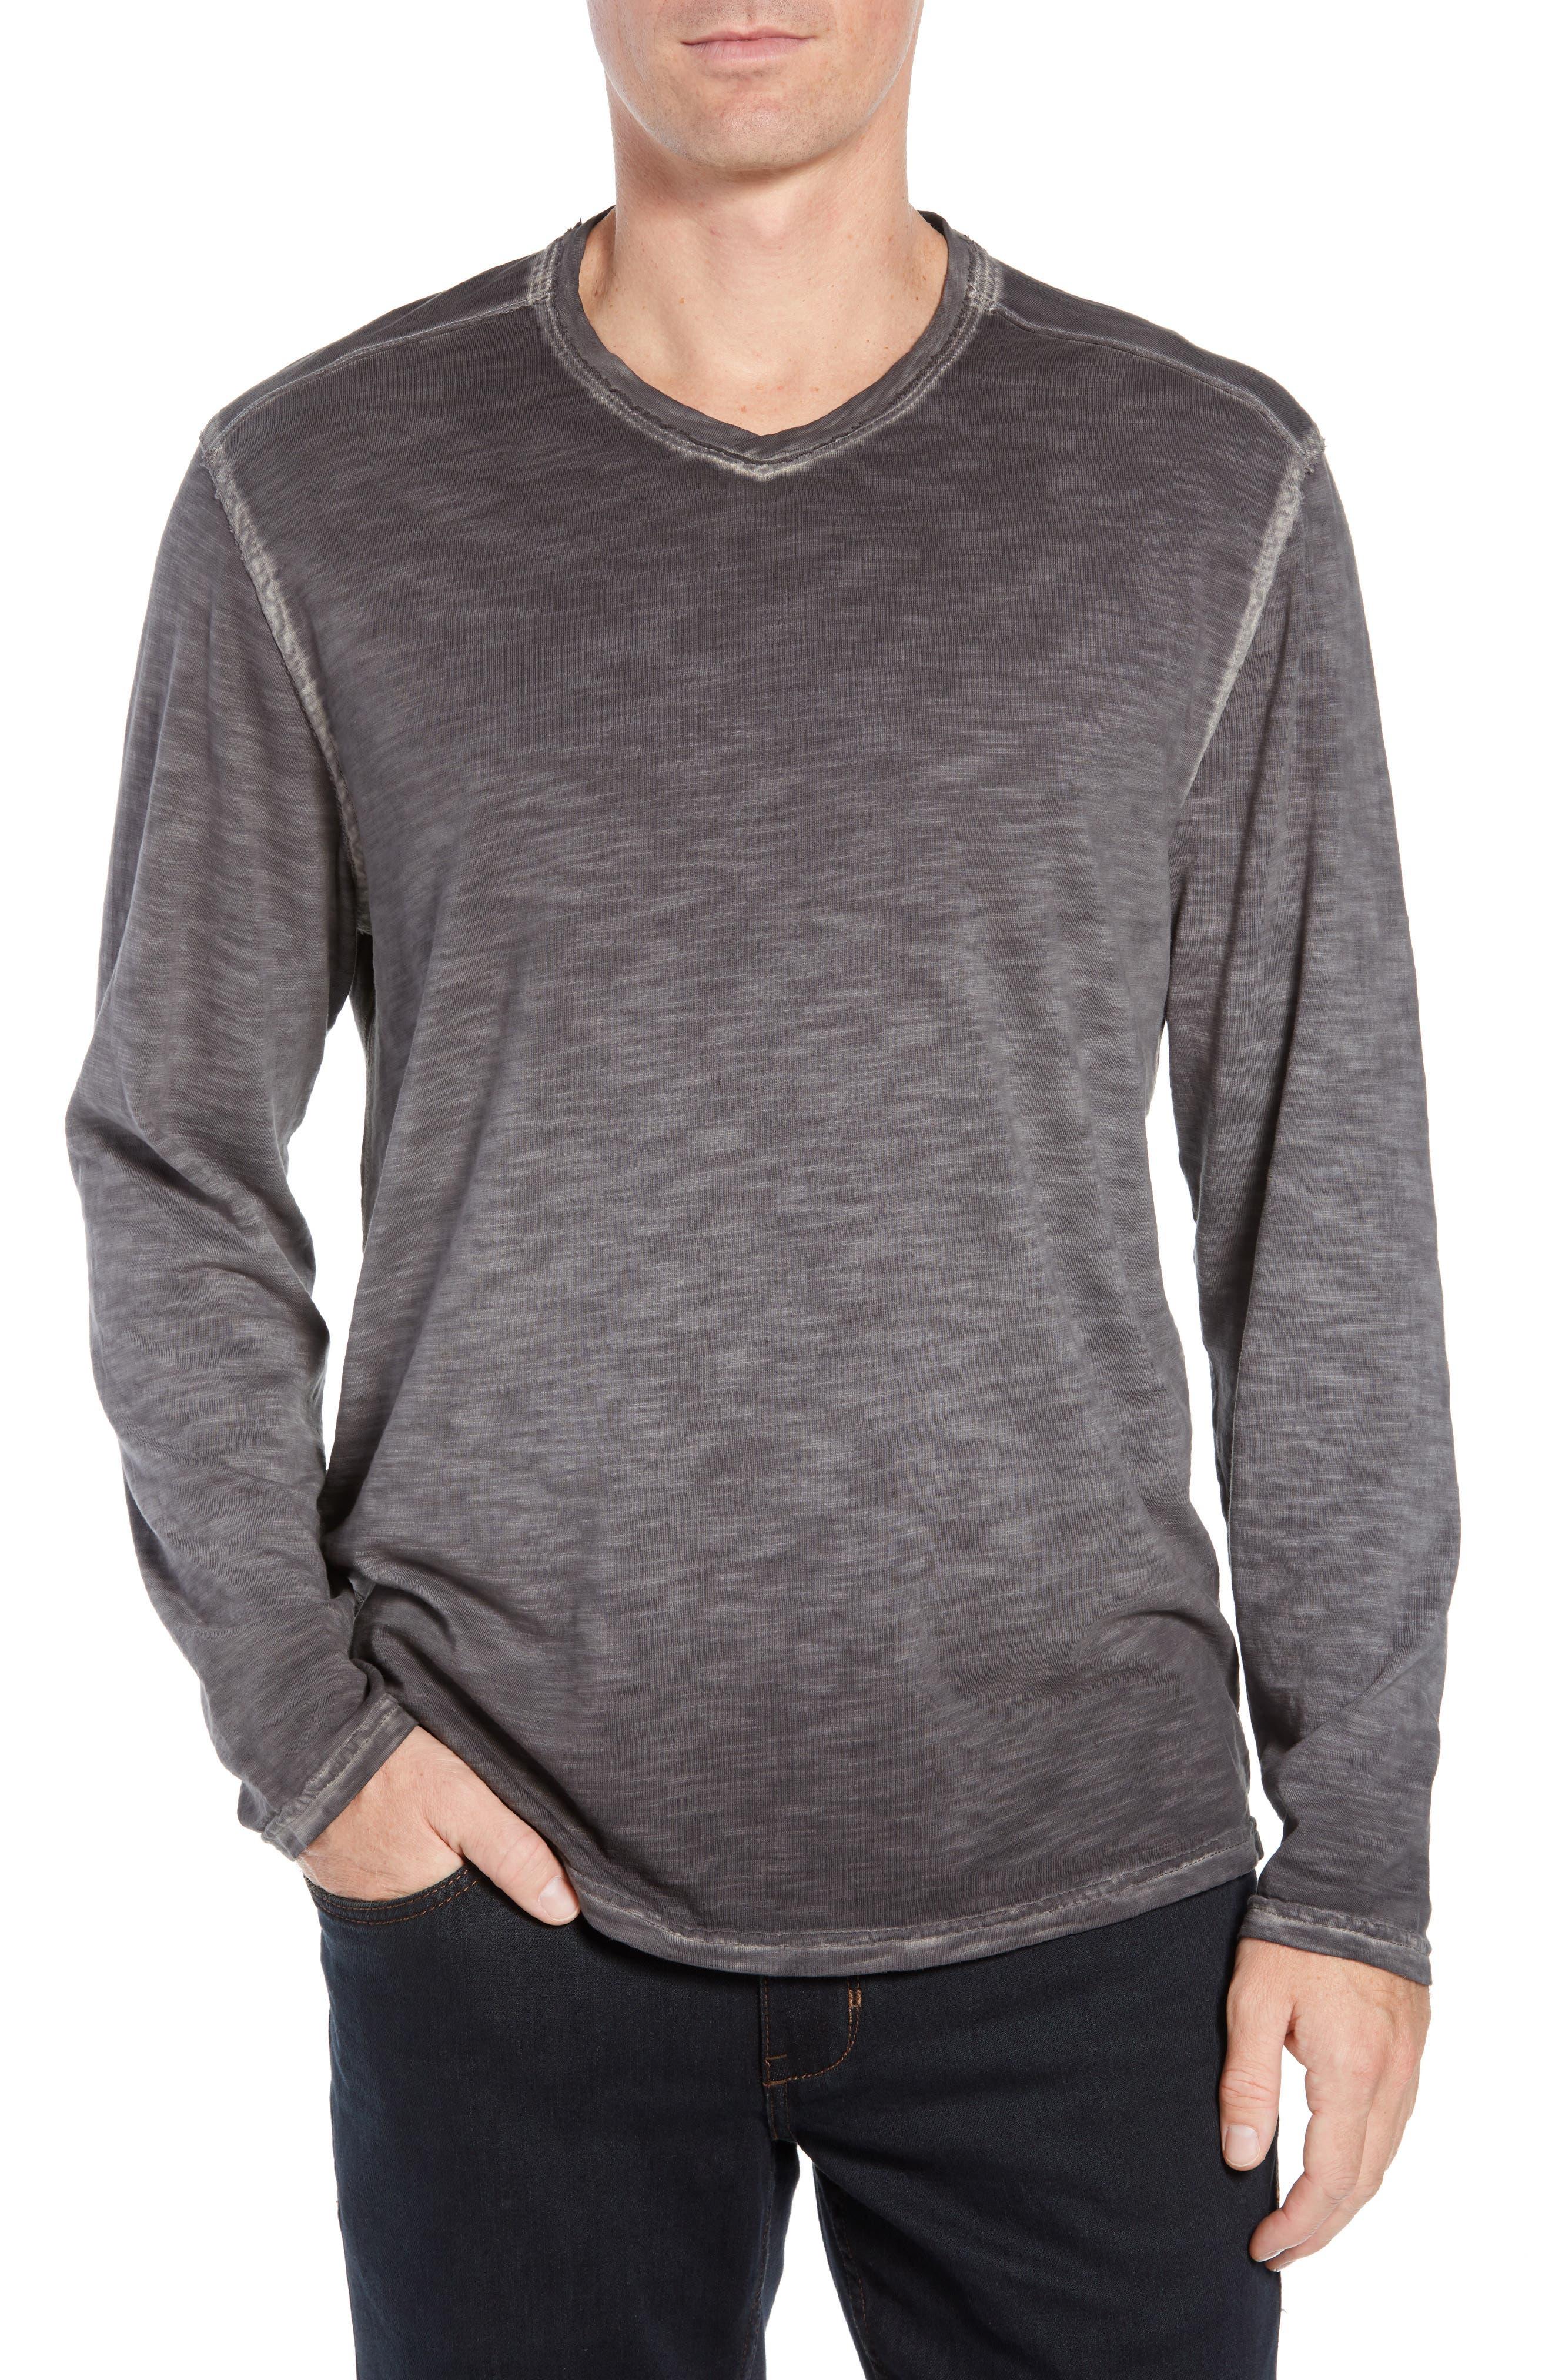 Suncoast Shores Long Sleeve V-Neck T-Shirt,                             Main thumbnail 1, color,                             COAL